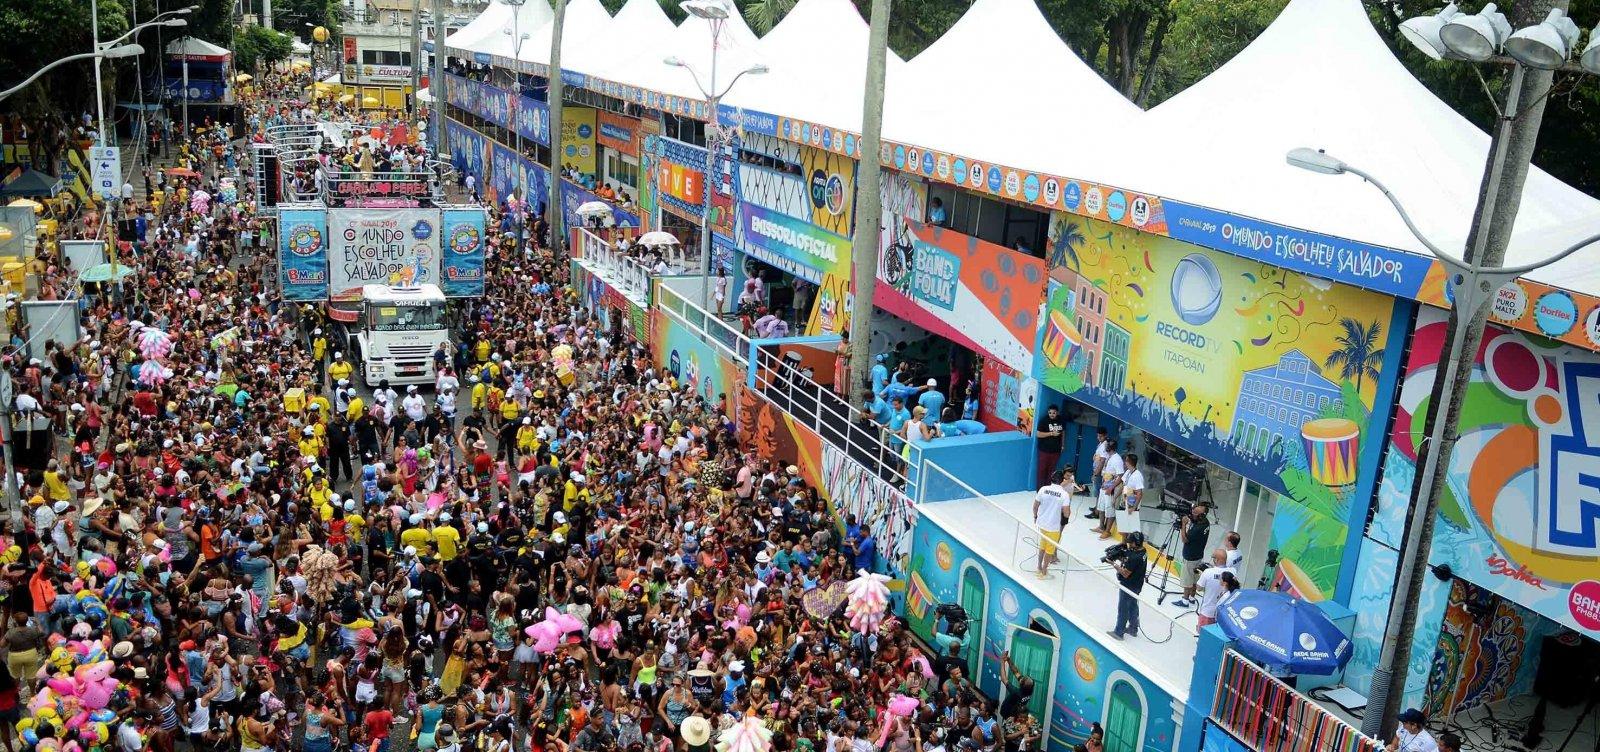 [Prefeitura divulga programação do Carnaval de Salvador; saiba mais]